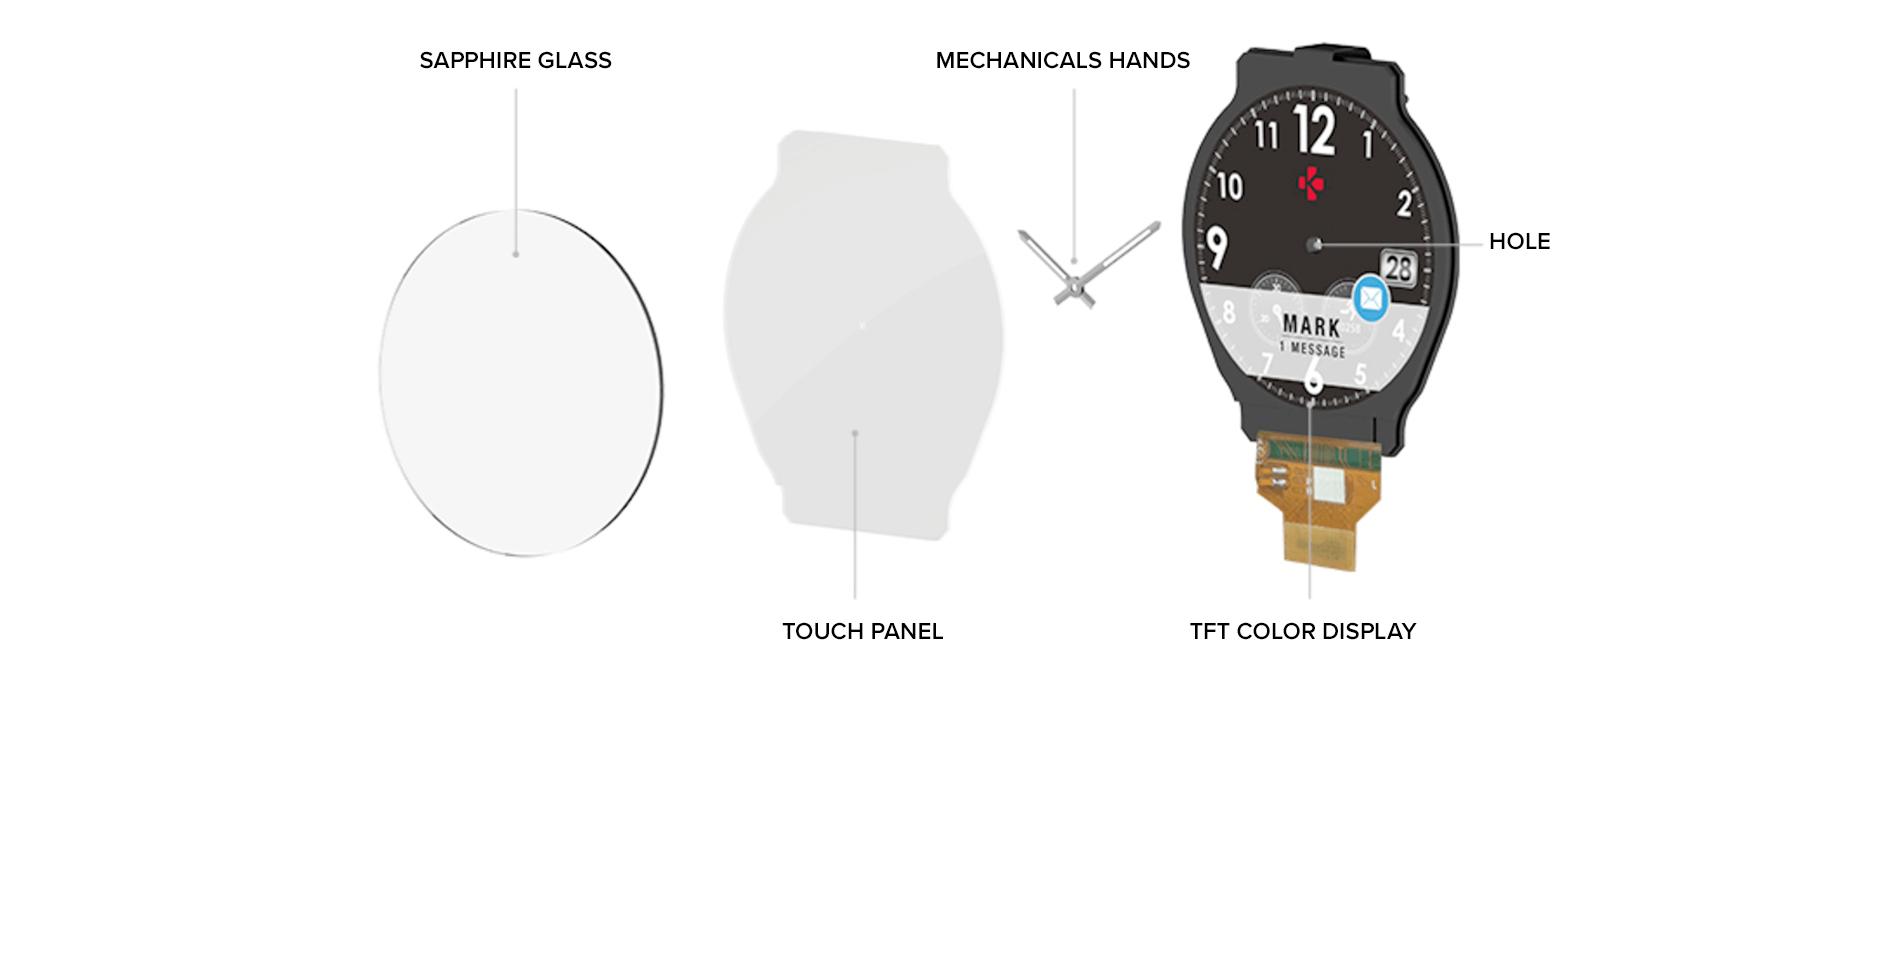 Technologie multicouche combinant écran tactile, aiguilles mécaniques, et verre saphir ultra-resistant